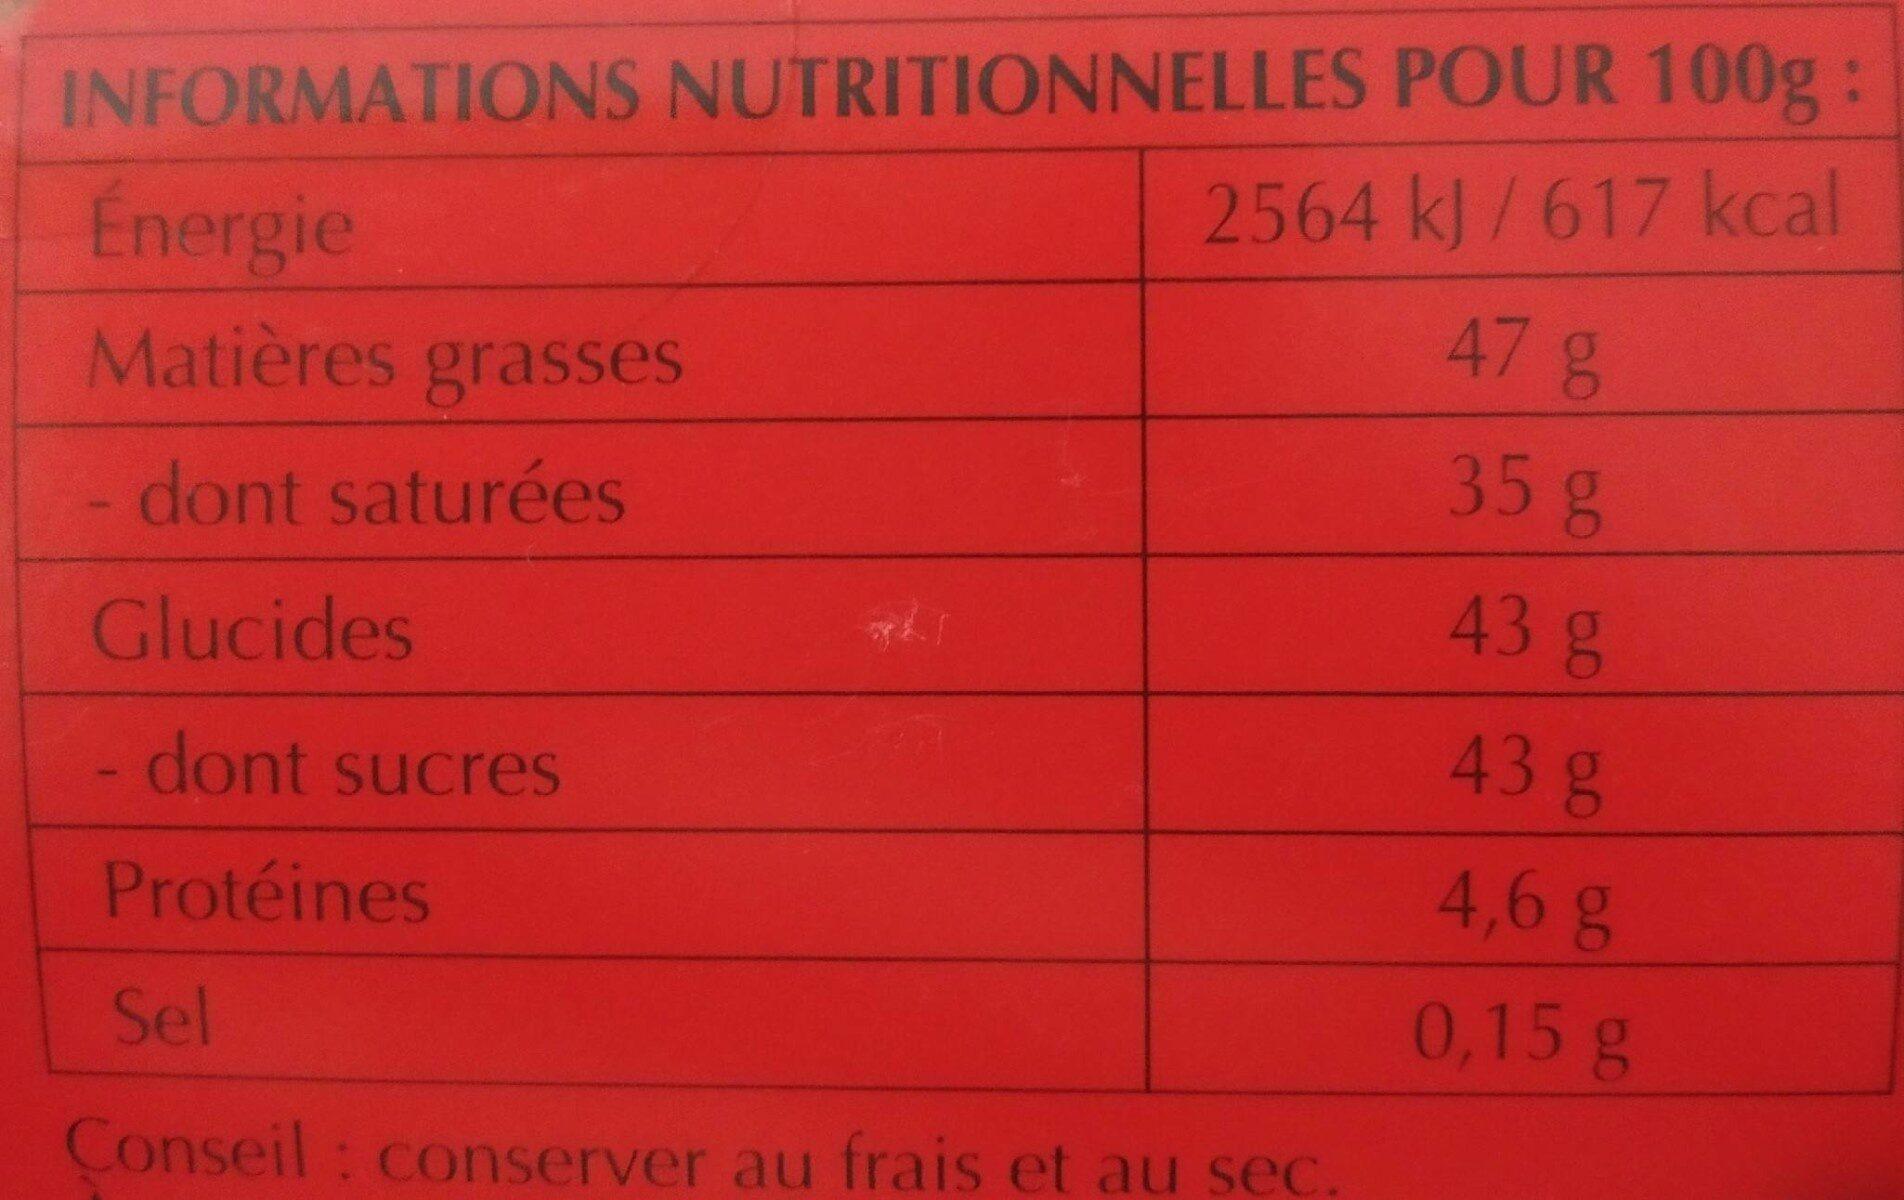 Lindor passionnément fondant lait - Nutrition facts - fr